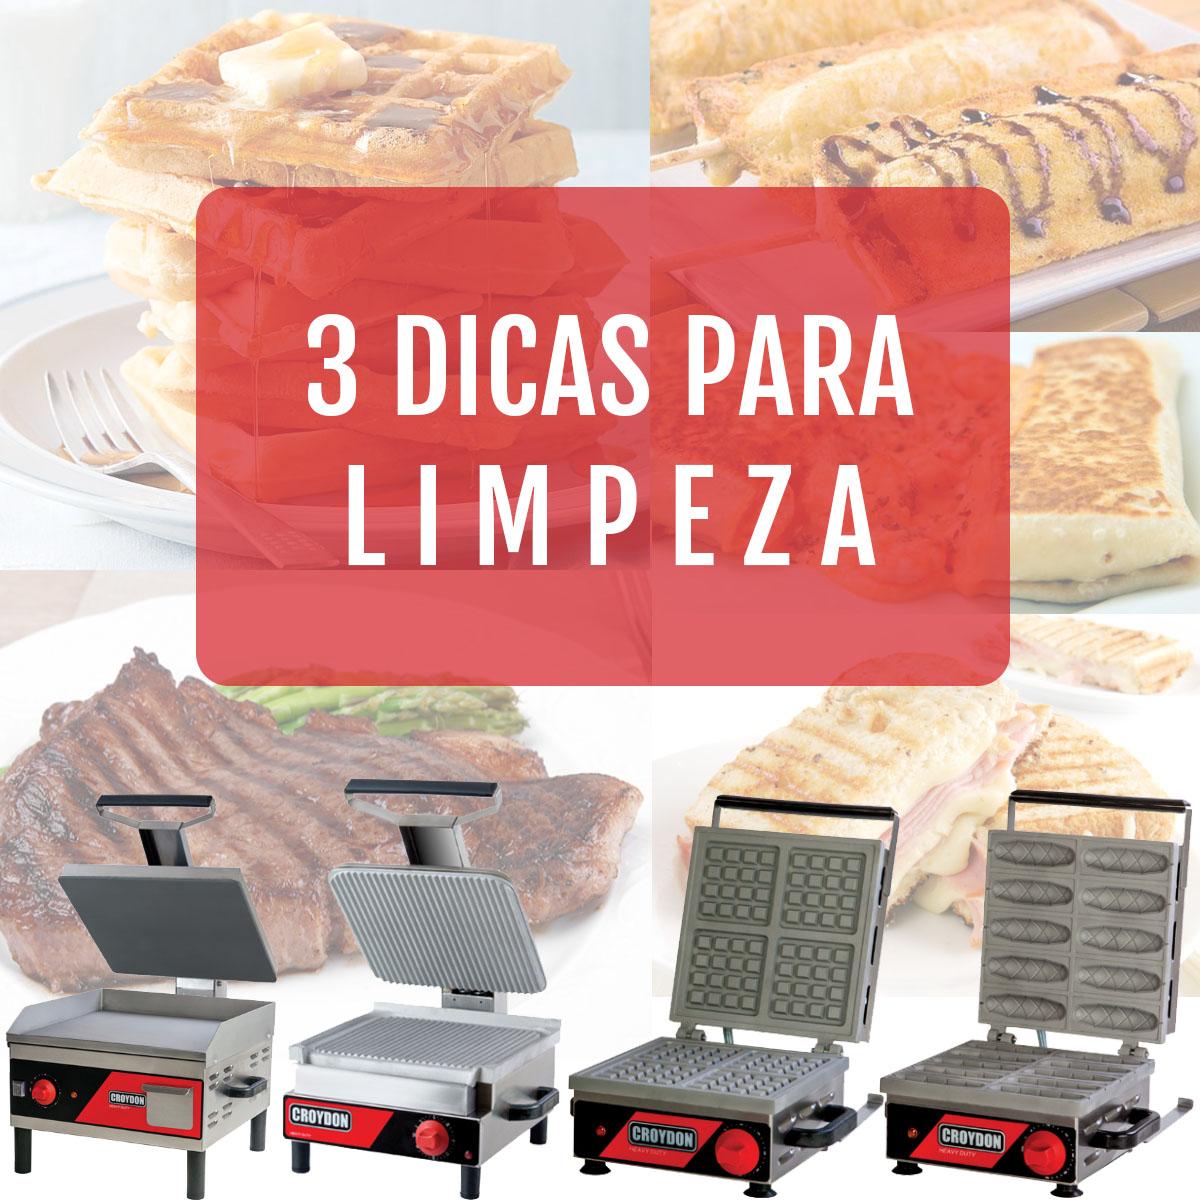 DICAS: Limpeza de churrasqueiras, panquequeiras, sanduicheiras, crepeiras e wafleiras.